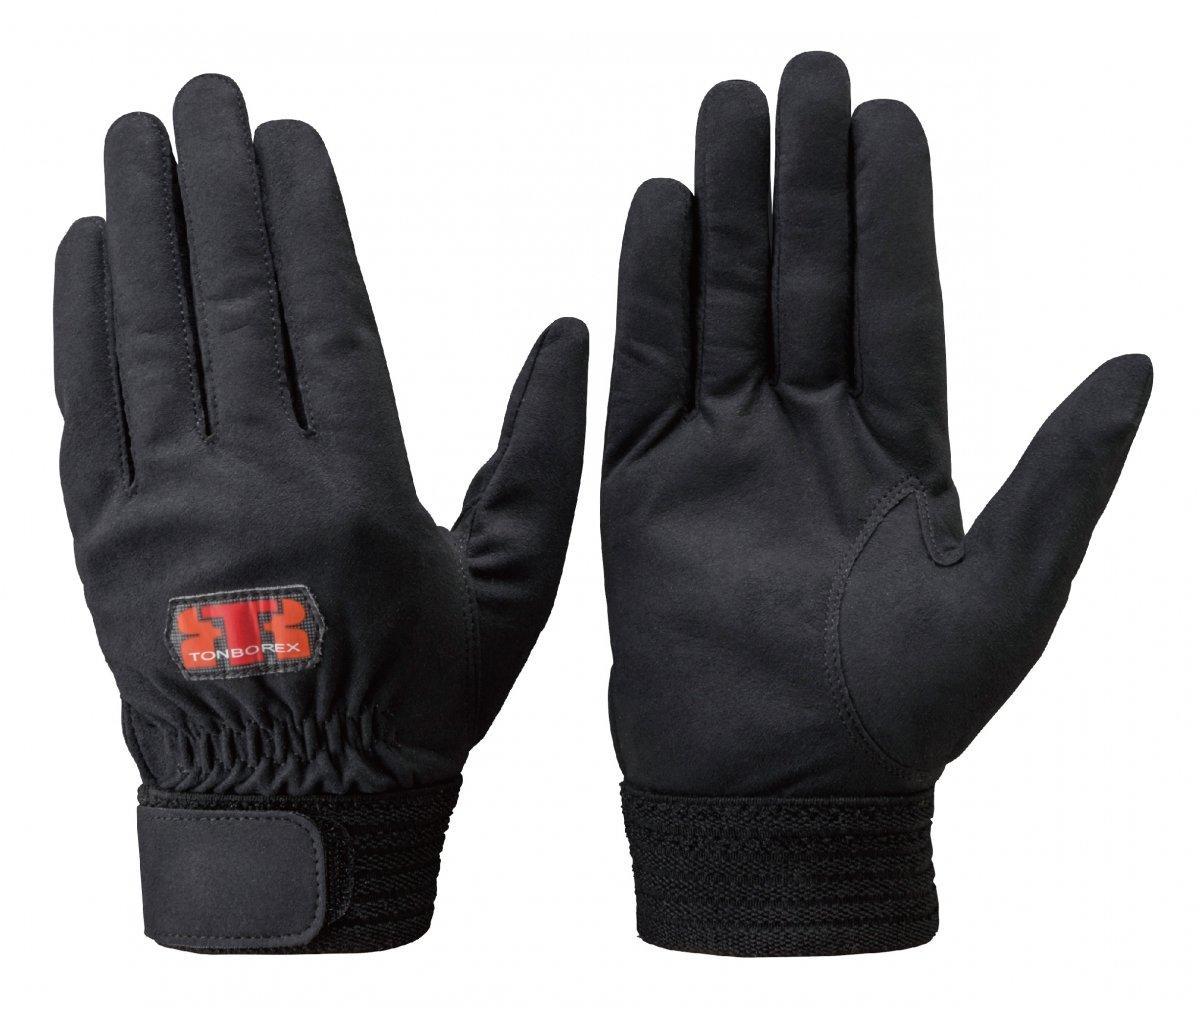 トンボレックス E-REX21BK 人工皮革製手袋